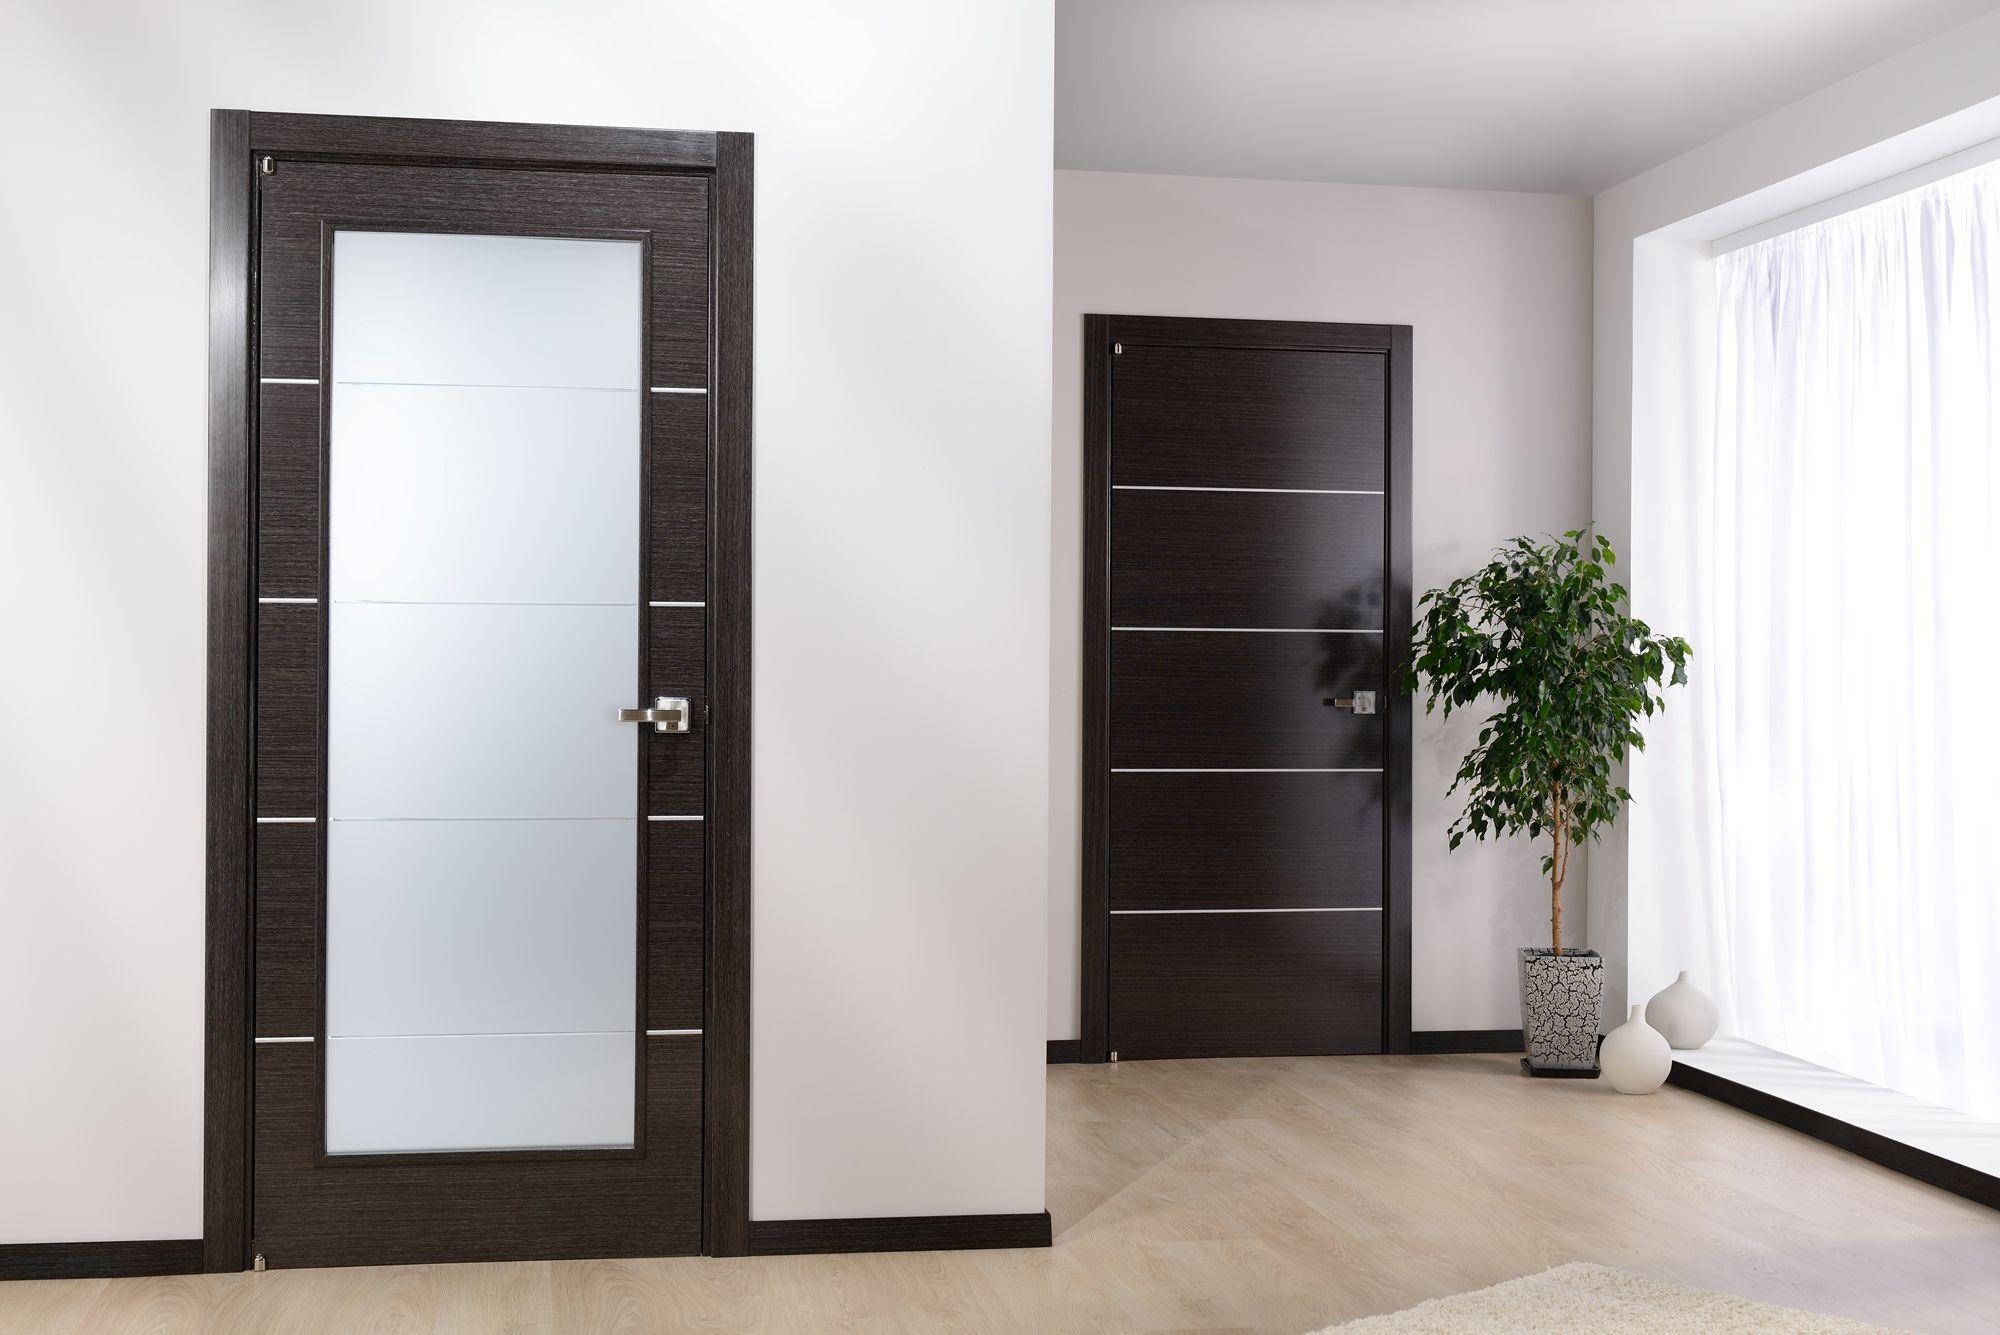 Какого цвета двери и полы в квартире